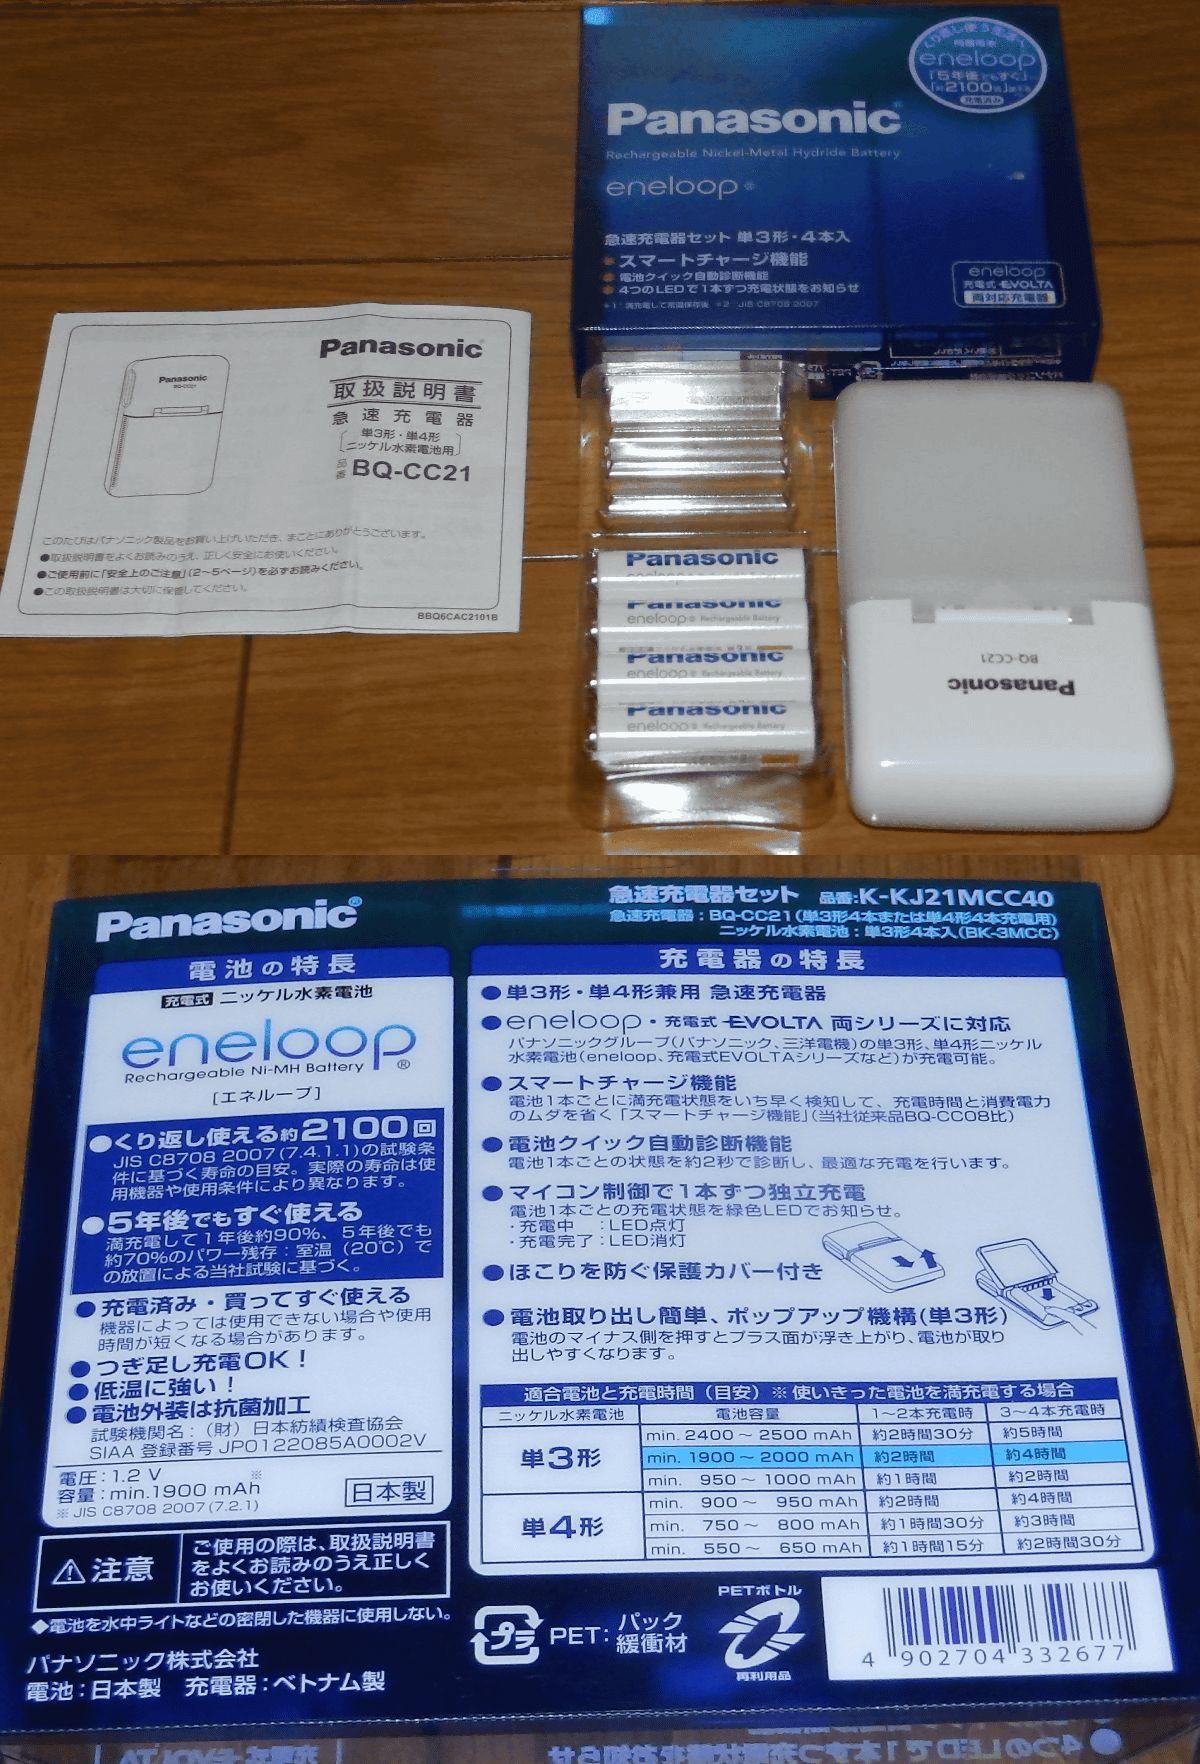 Panasonic_eneloop_K-KJ21MCC40_001.jpg